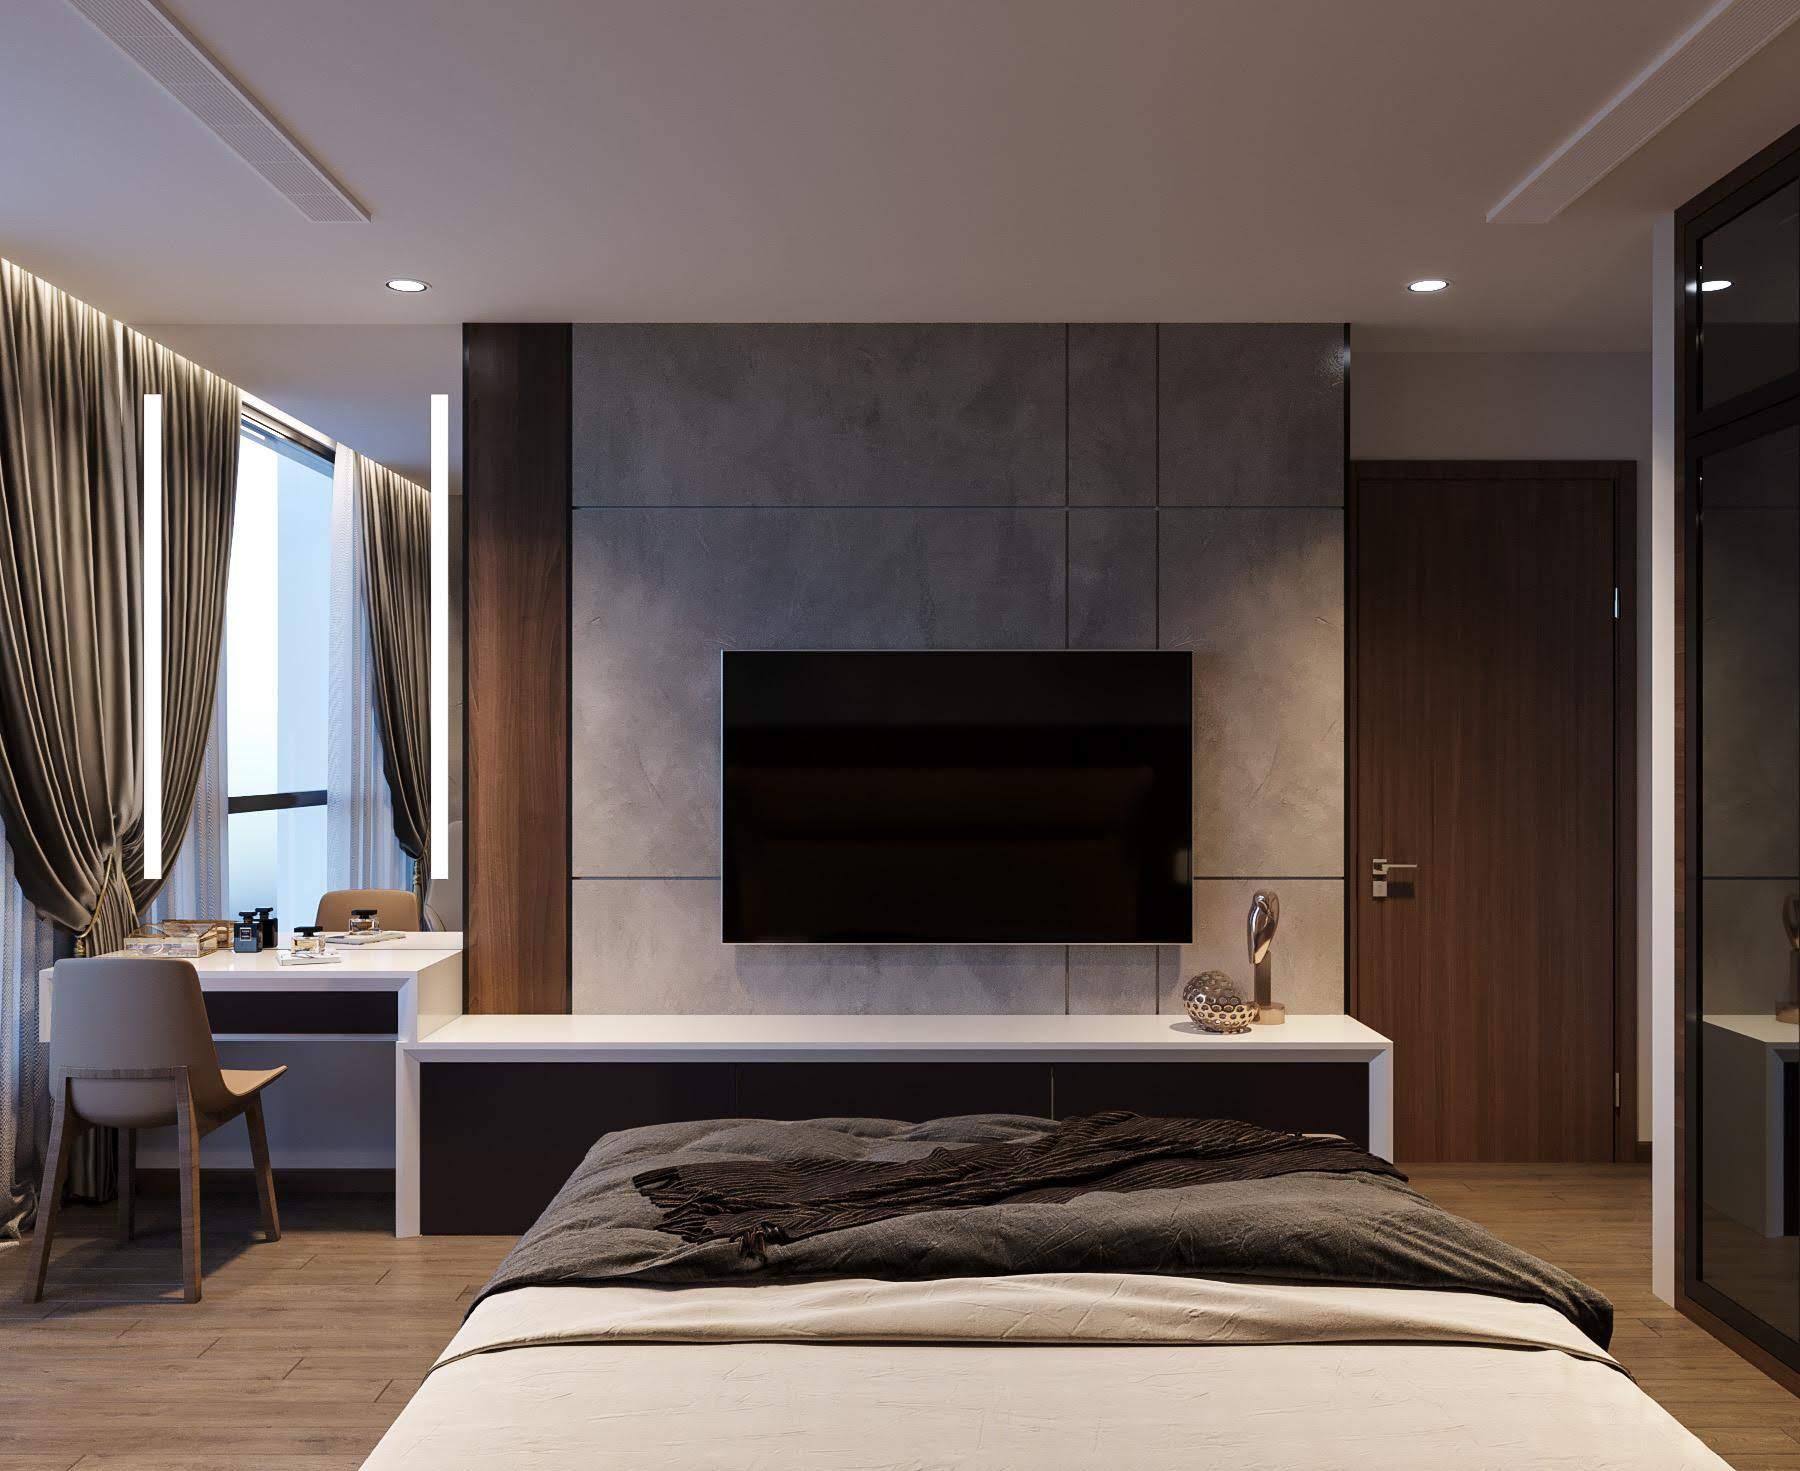 thiết kế nội thất phong cách hiện đại - phòng ngủ 1